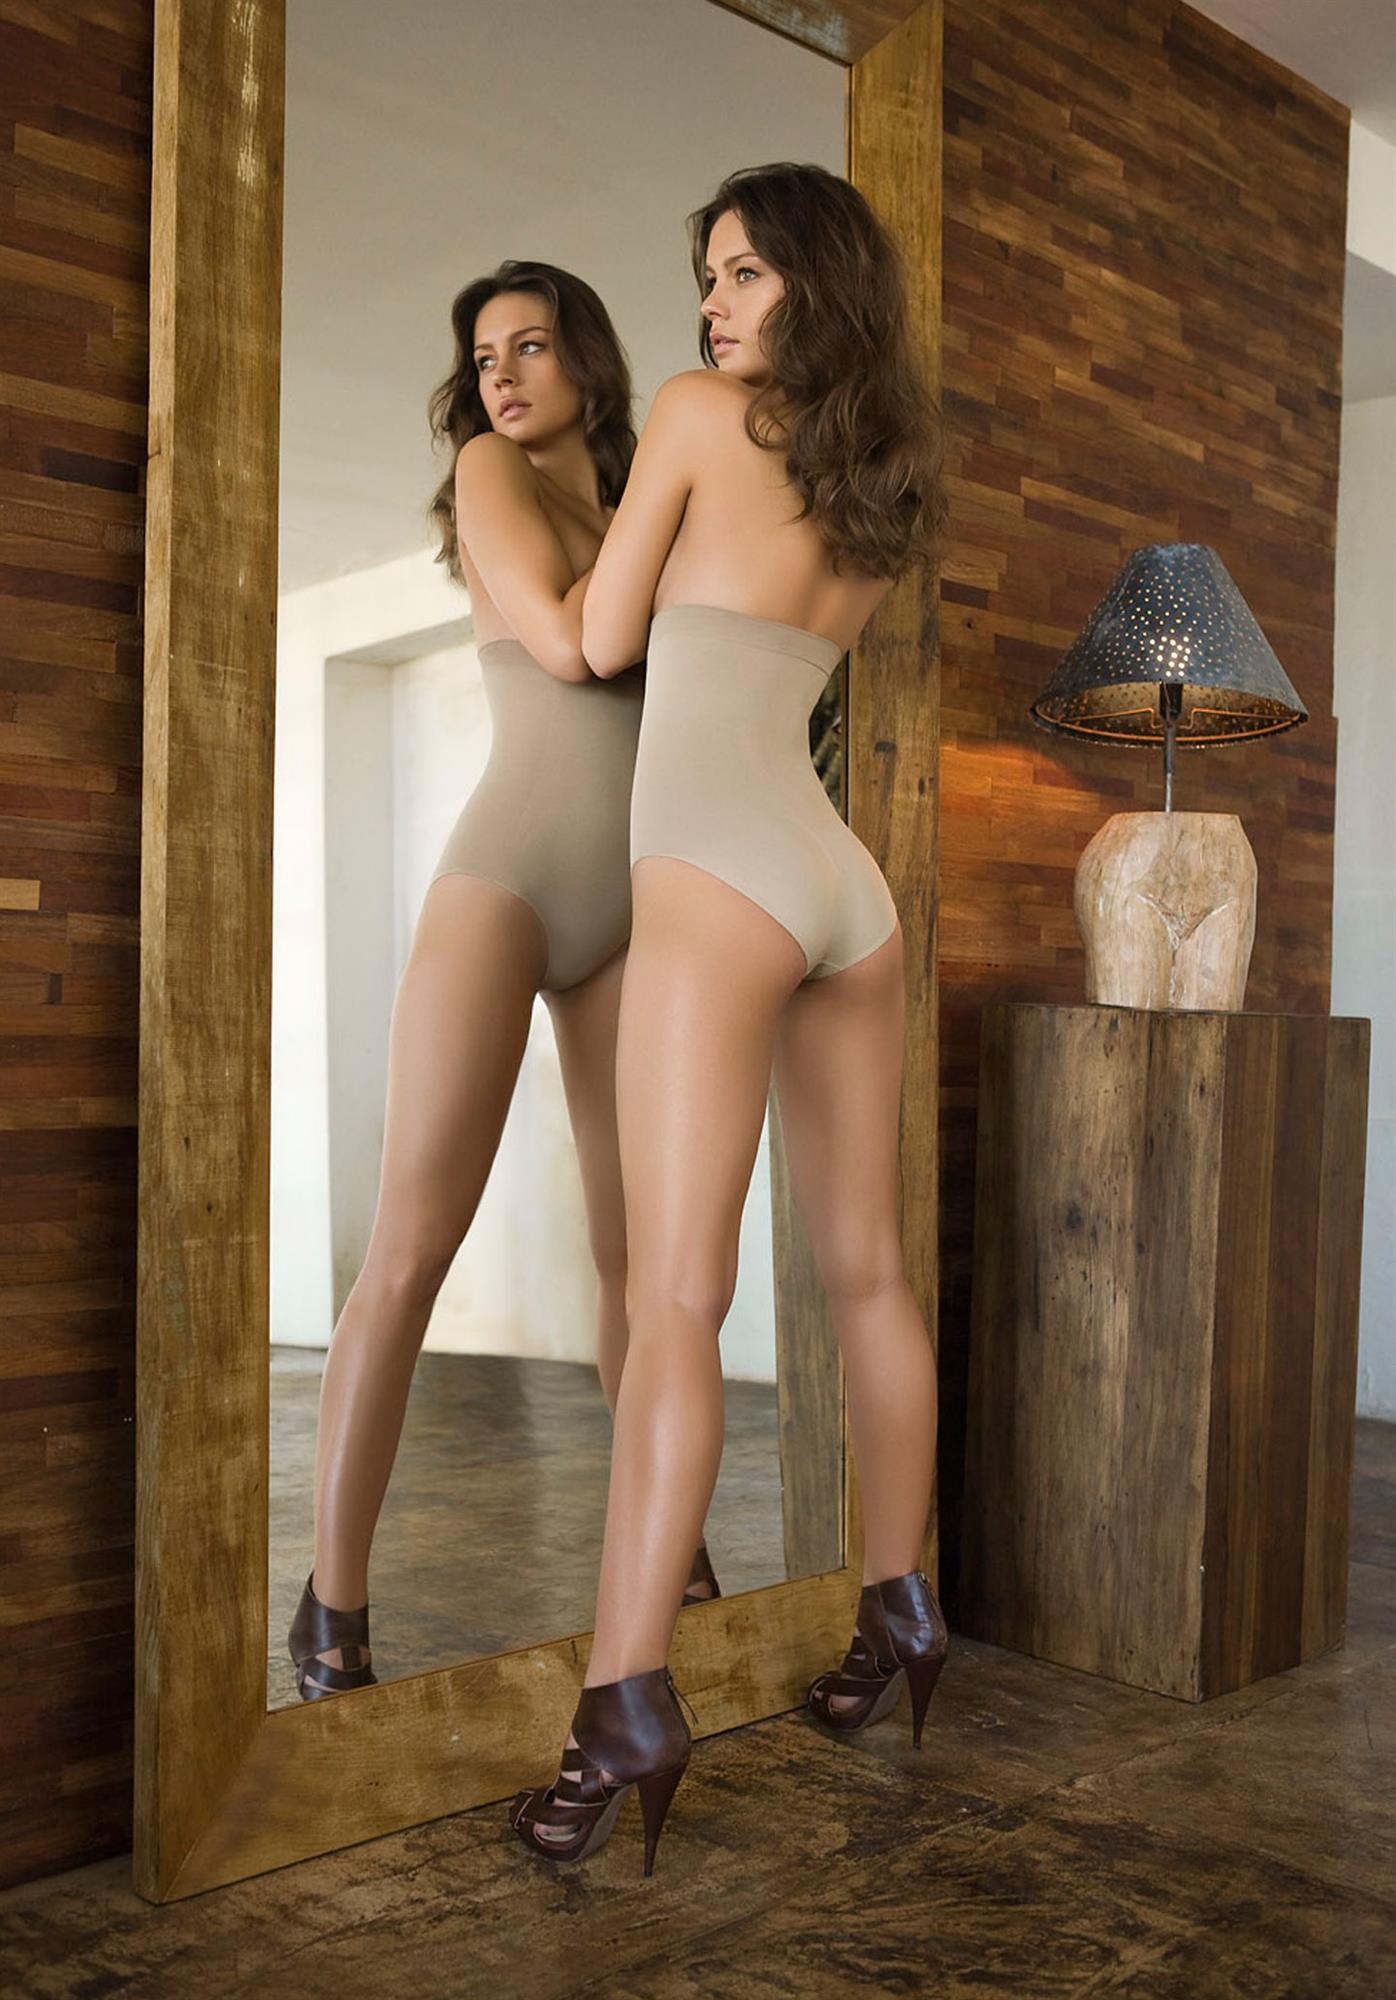 Porno Patricia Beck nudes (62 photo) Boobs, iCloud, underwear